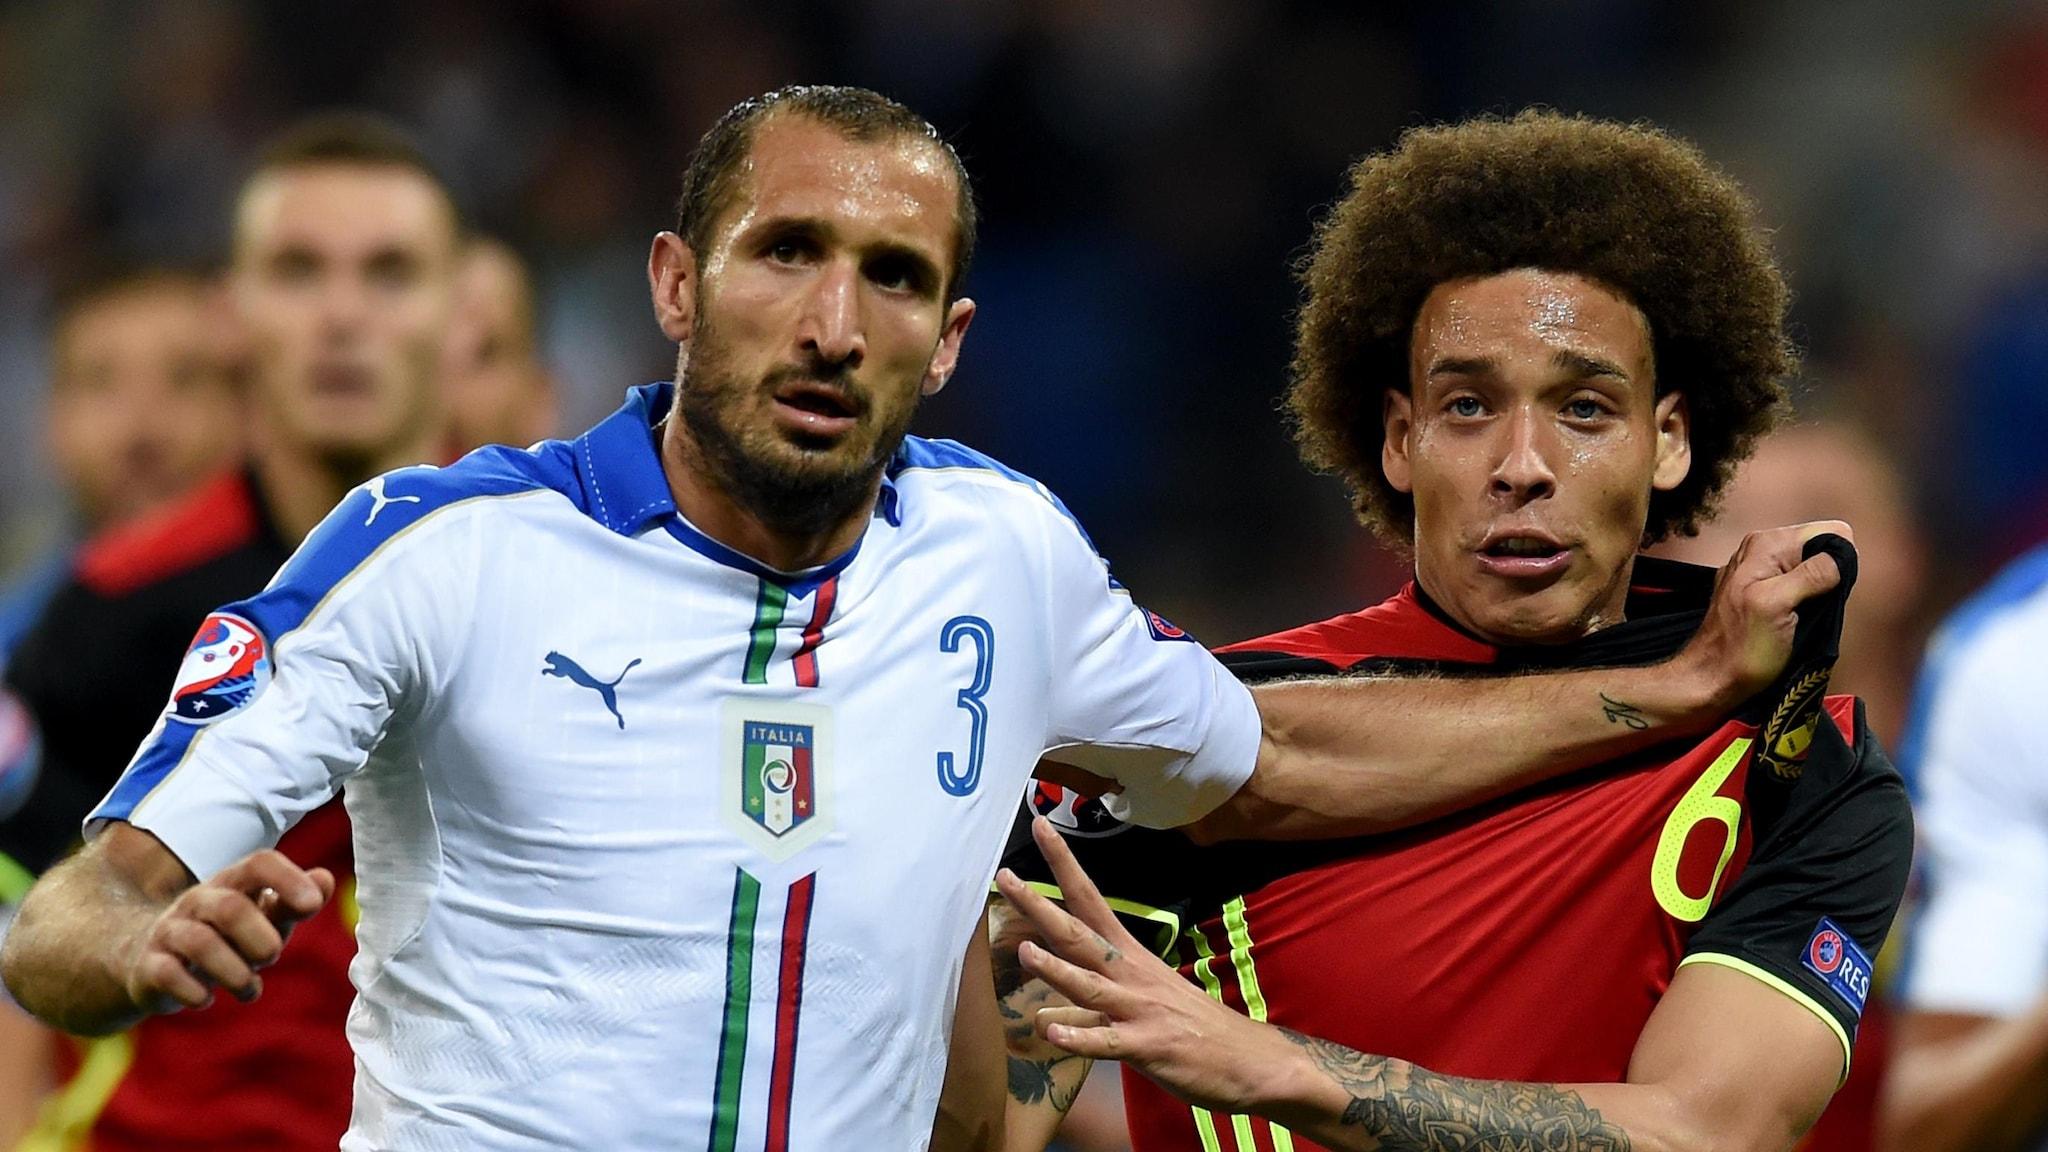 Italia (baju putih) mengalahkan Belgia 2-0 di pertemuan terakhir kedua tim di Euro 2016. Foto: UEFA